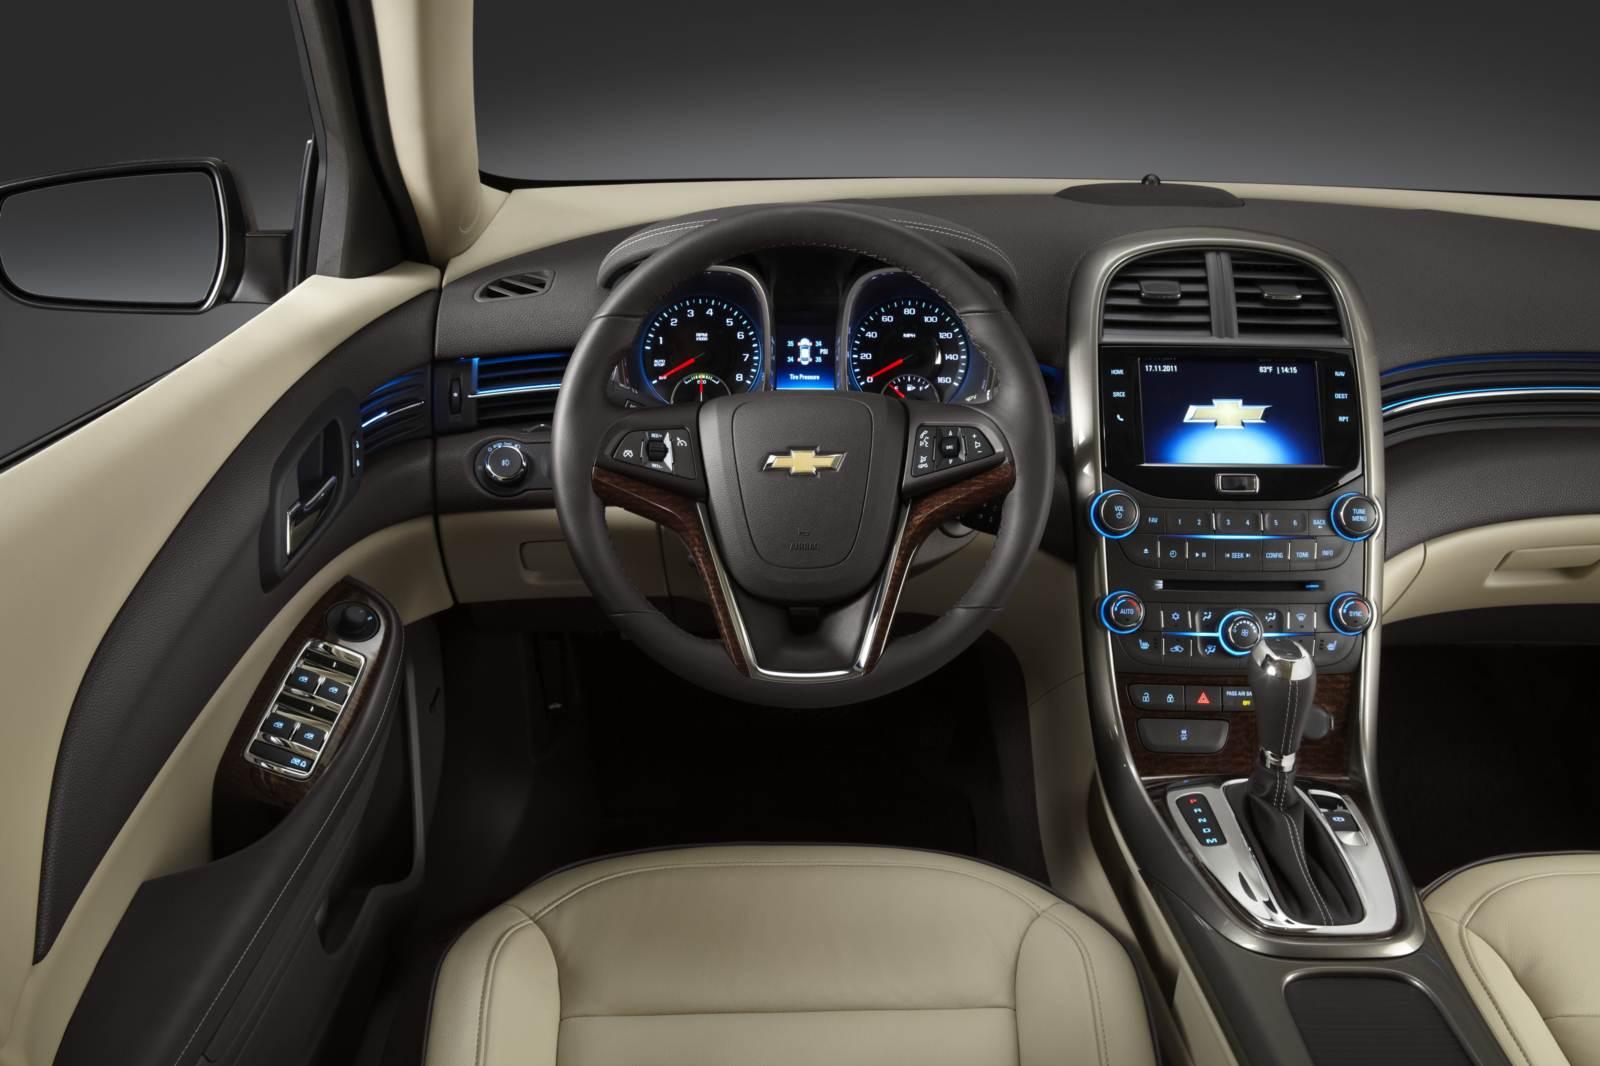 Chevrolet Malibu 2014 Lan Amento Em Junho Com Pre O De R Reais Car Blog Br